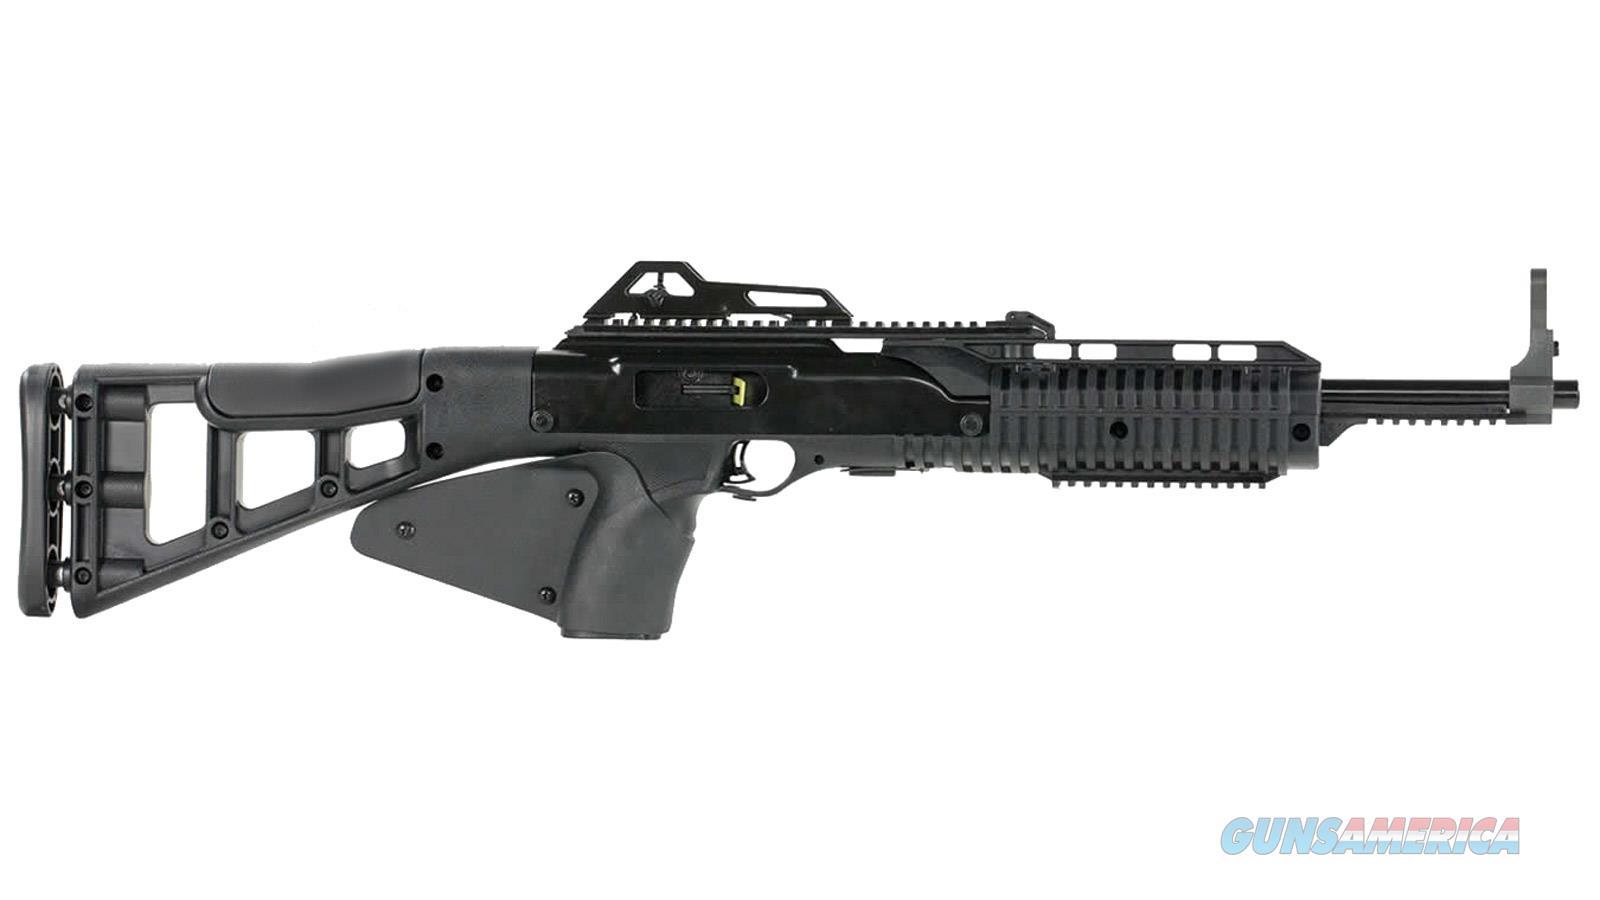 Hipoint Hi Point 1095Ts 10Mm Ca Legal 10Rd 1095TSCA  Guns > Rifles > H Misc Rifles